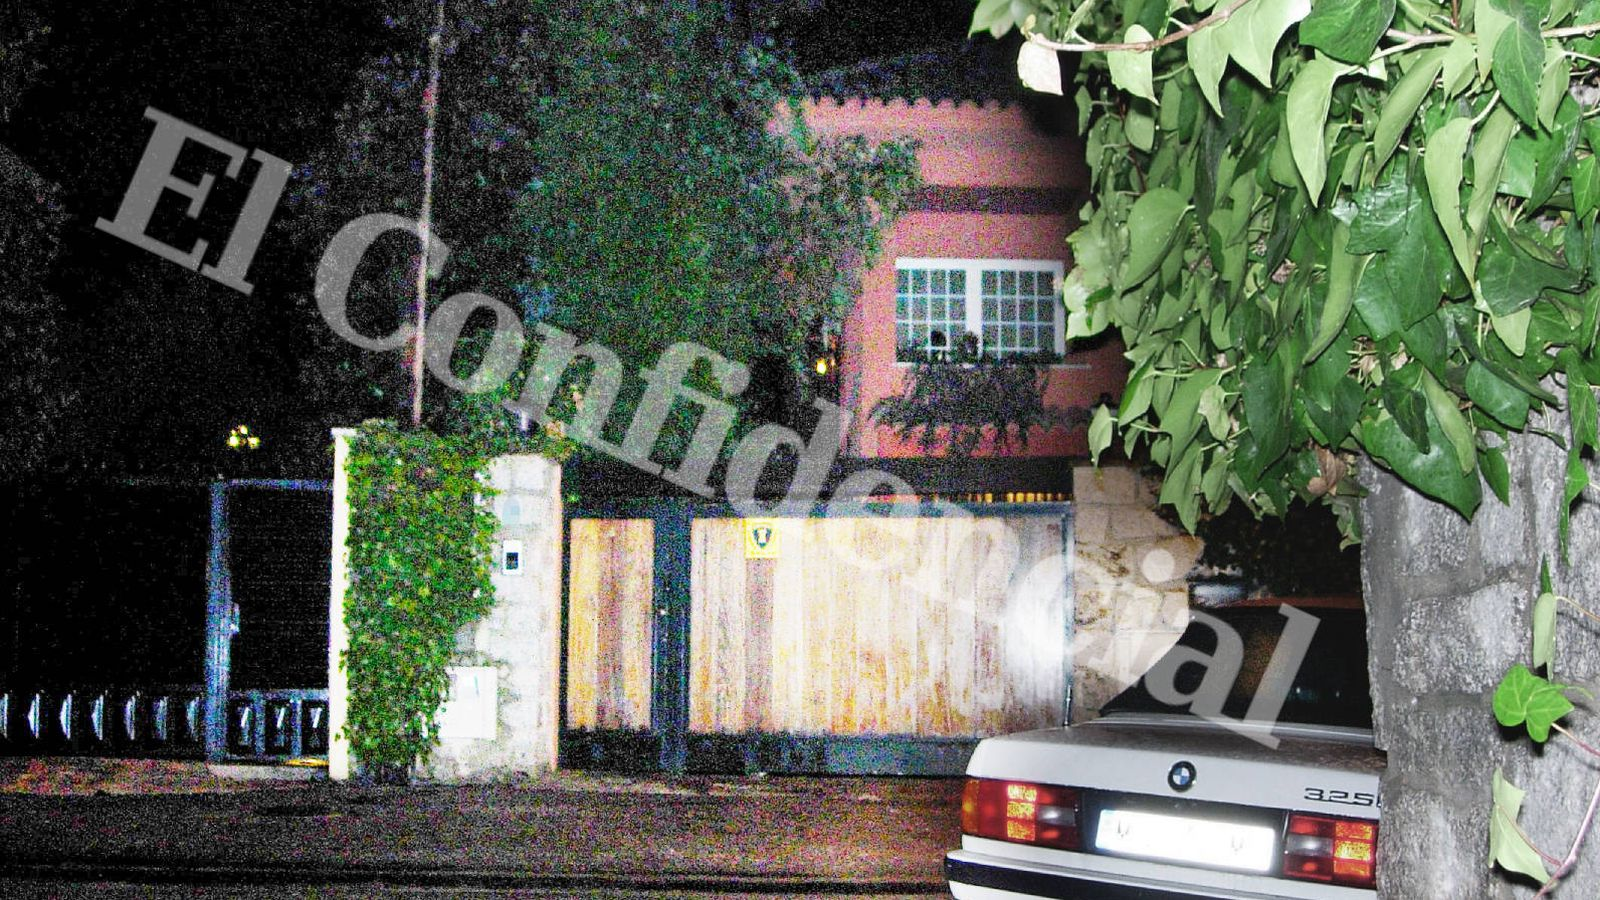 Foto: Operación de vigilancia de la vivienda de Carlos Arenillas, vicepresidente de la CNMV de la época.